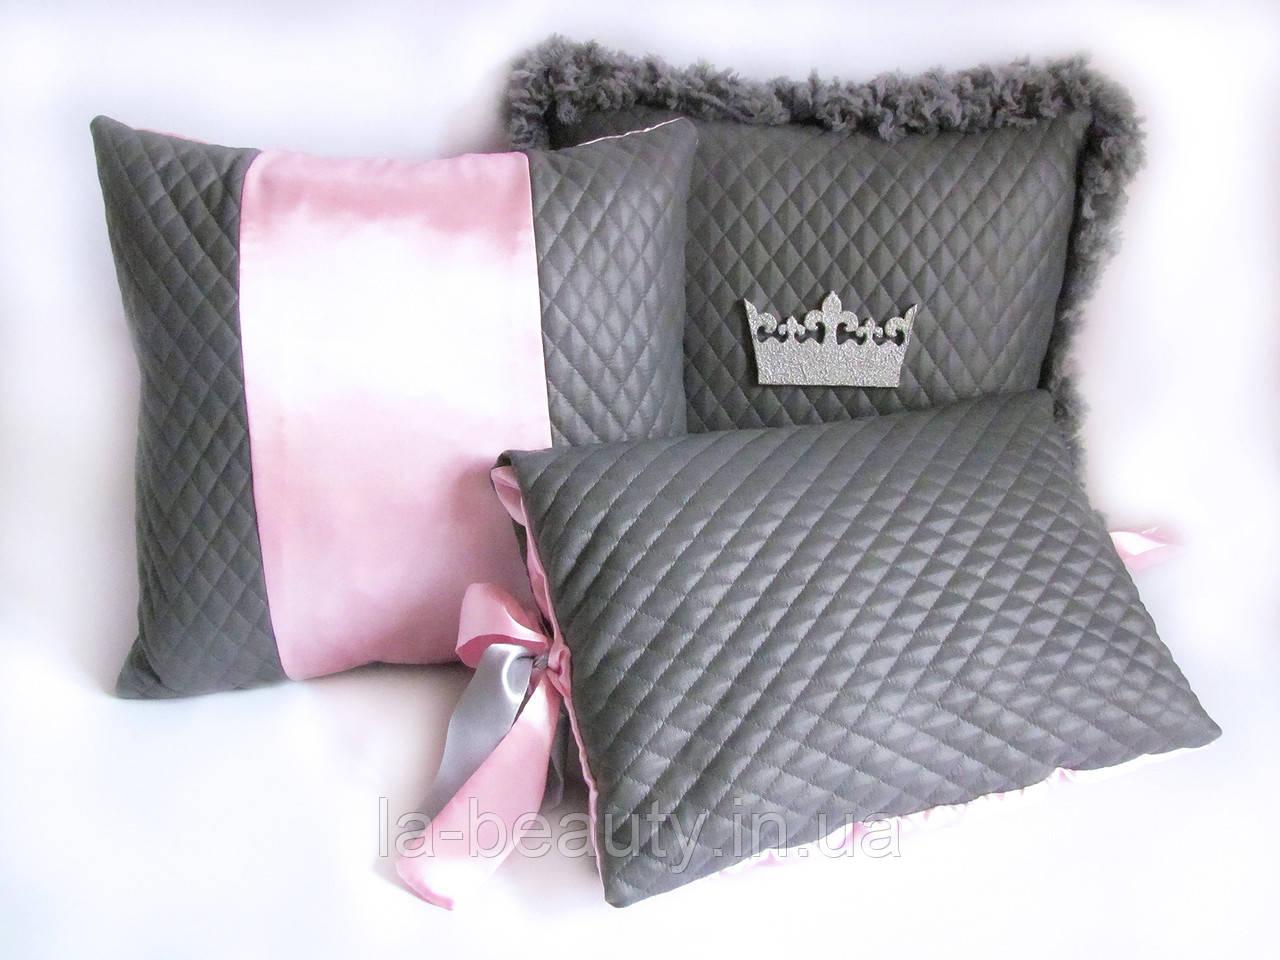 Коллекция декоративных подушек Серебряная корона современности